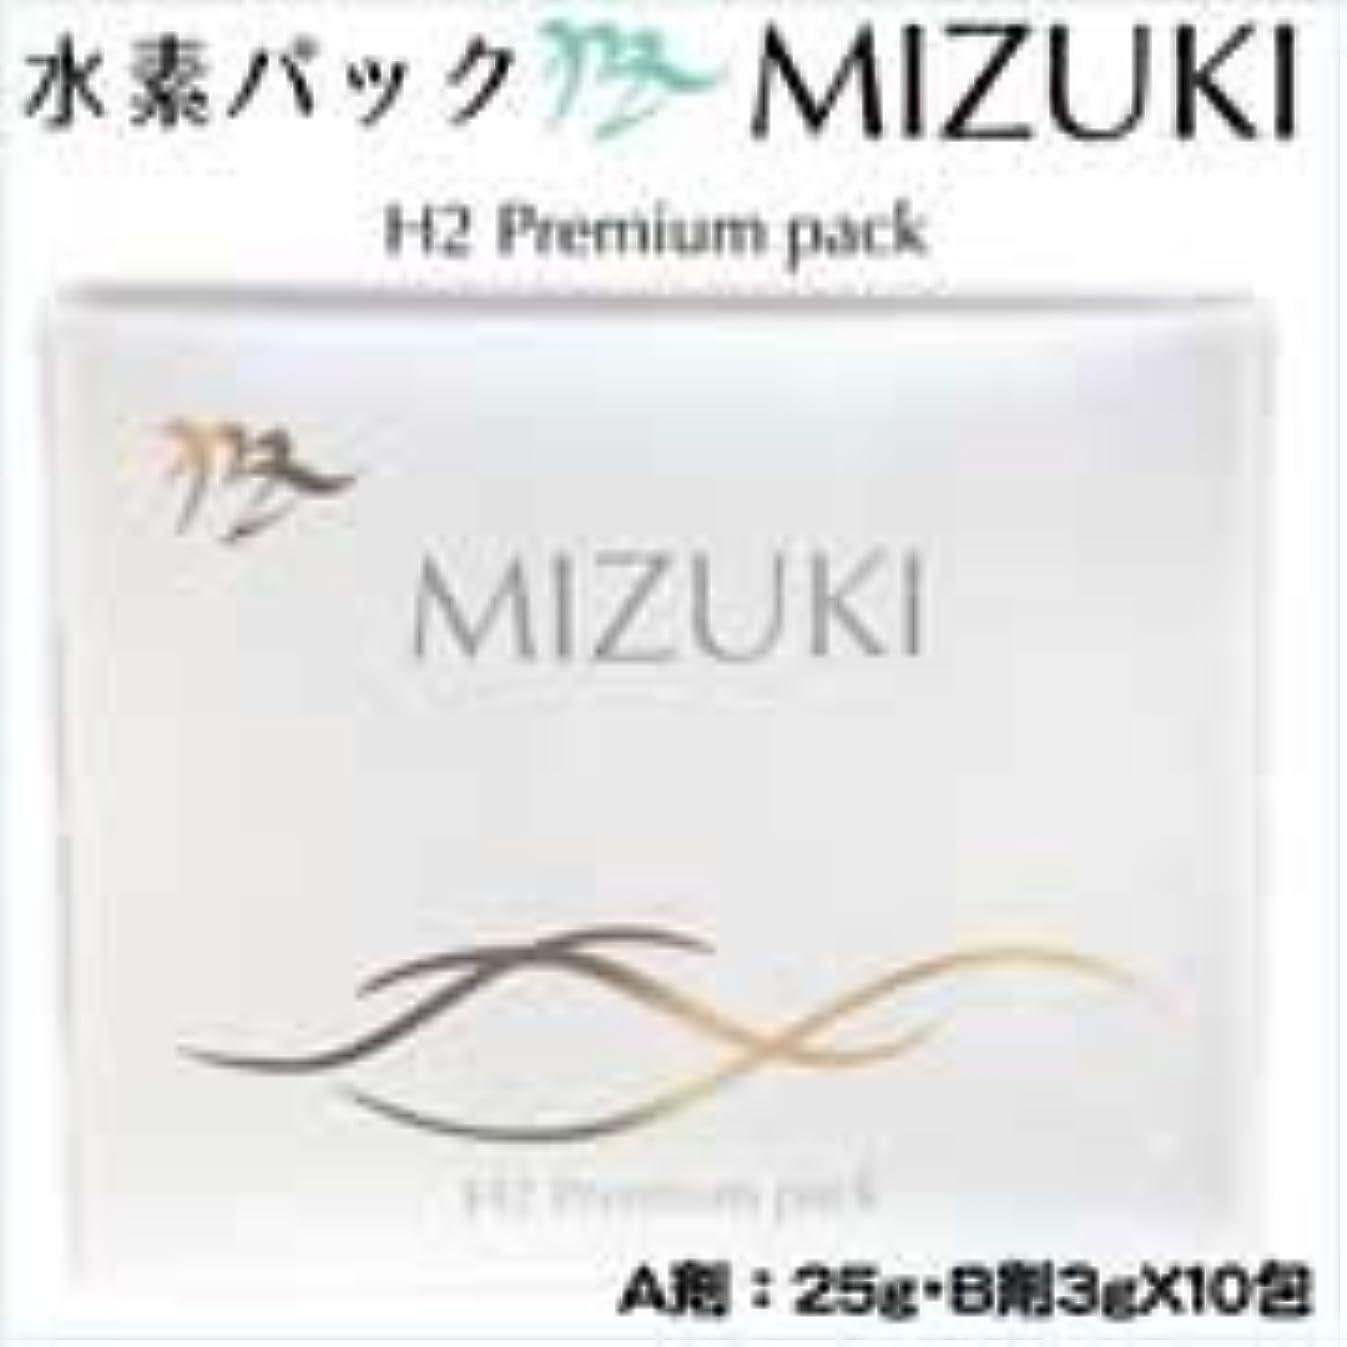 モンキー木材具体的にMIZUKI H2 Premium pack ミズキ プレミアムパック A剤:25g、B剤:3gX10包 スパチュラ付き